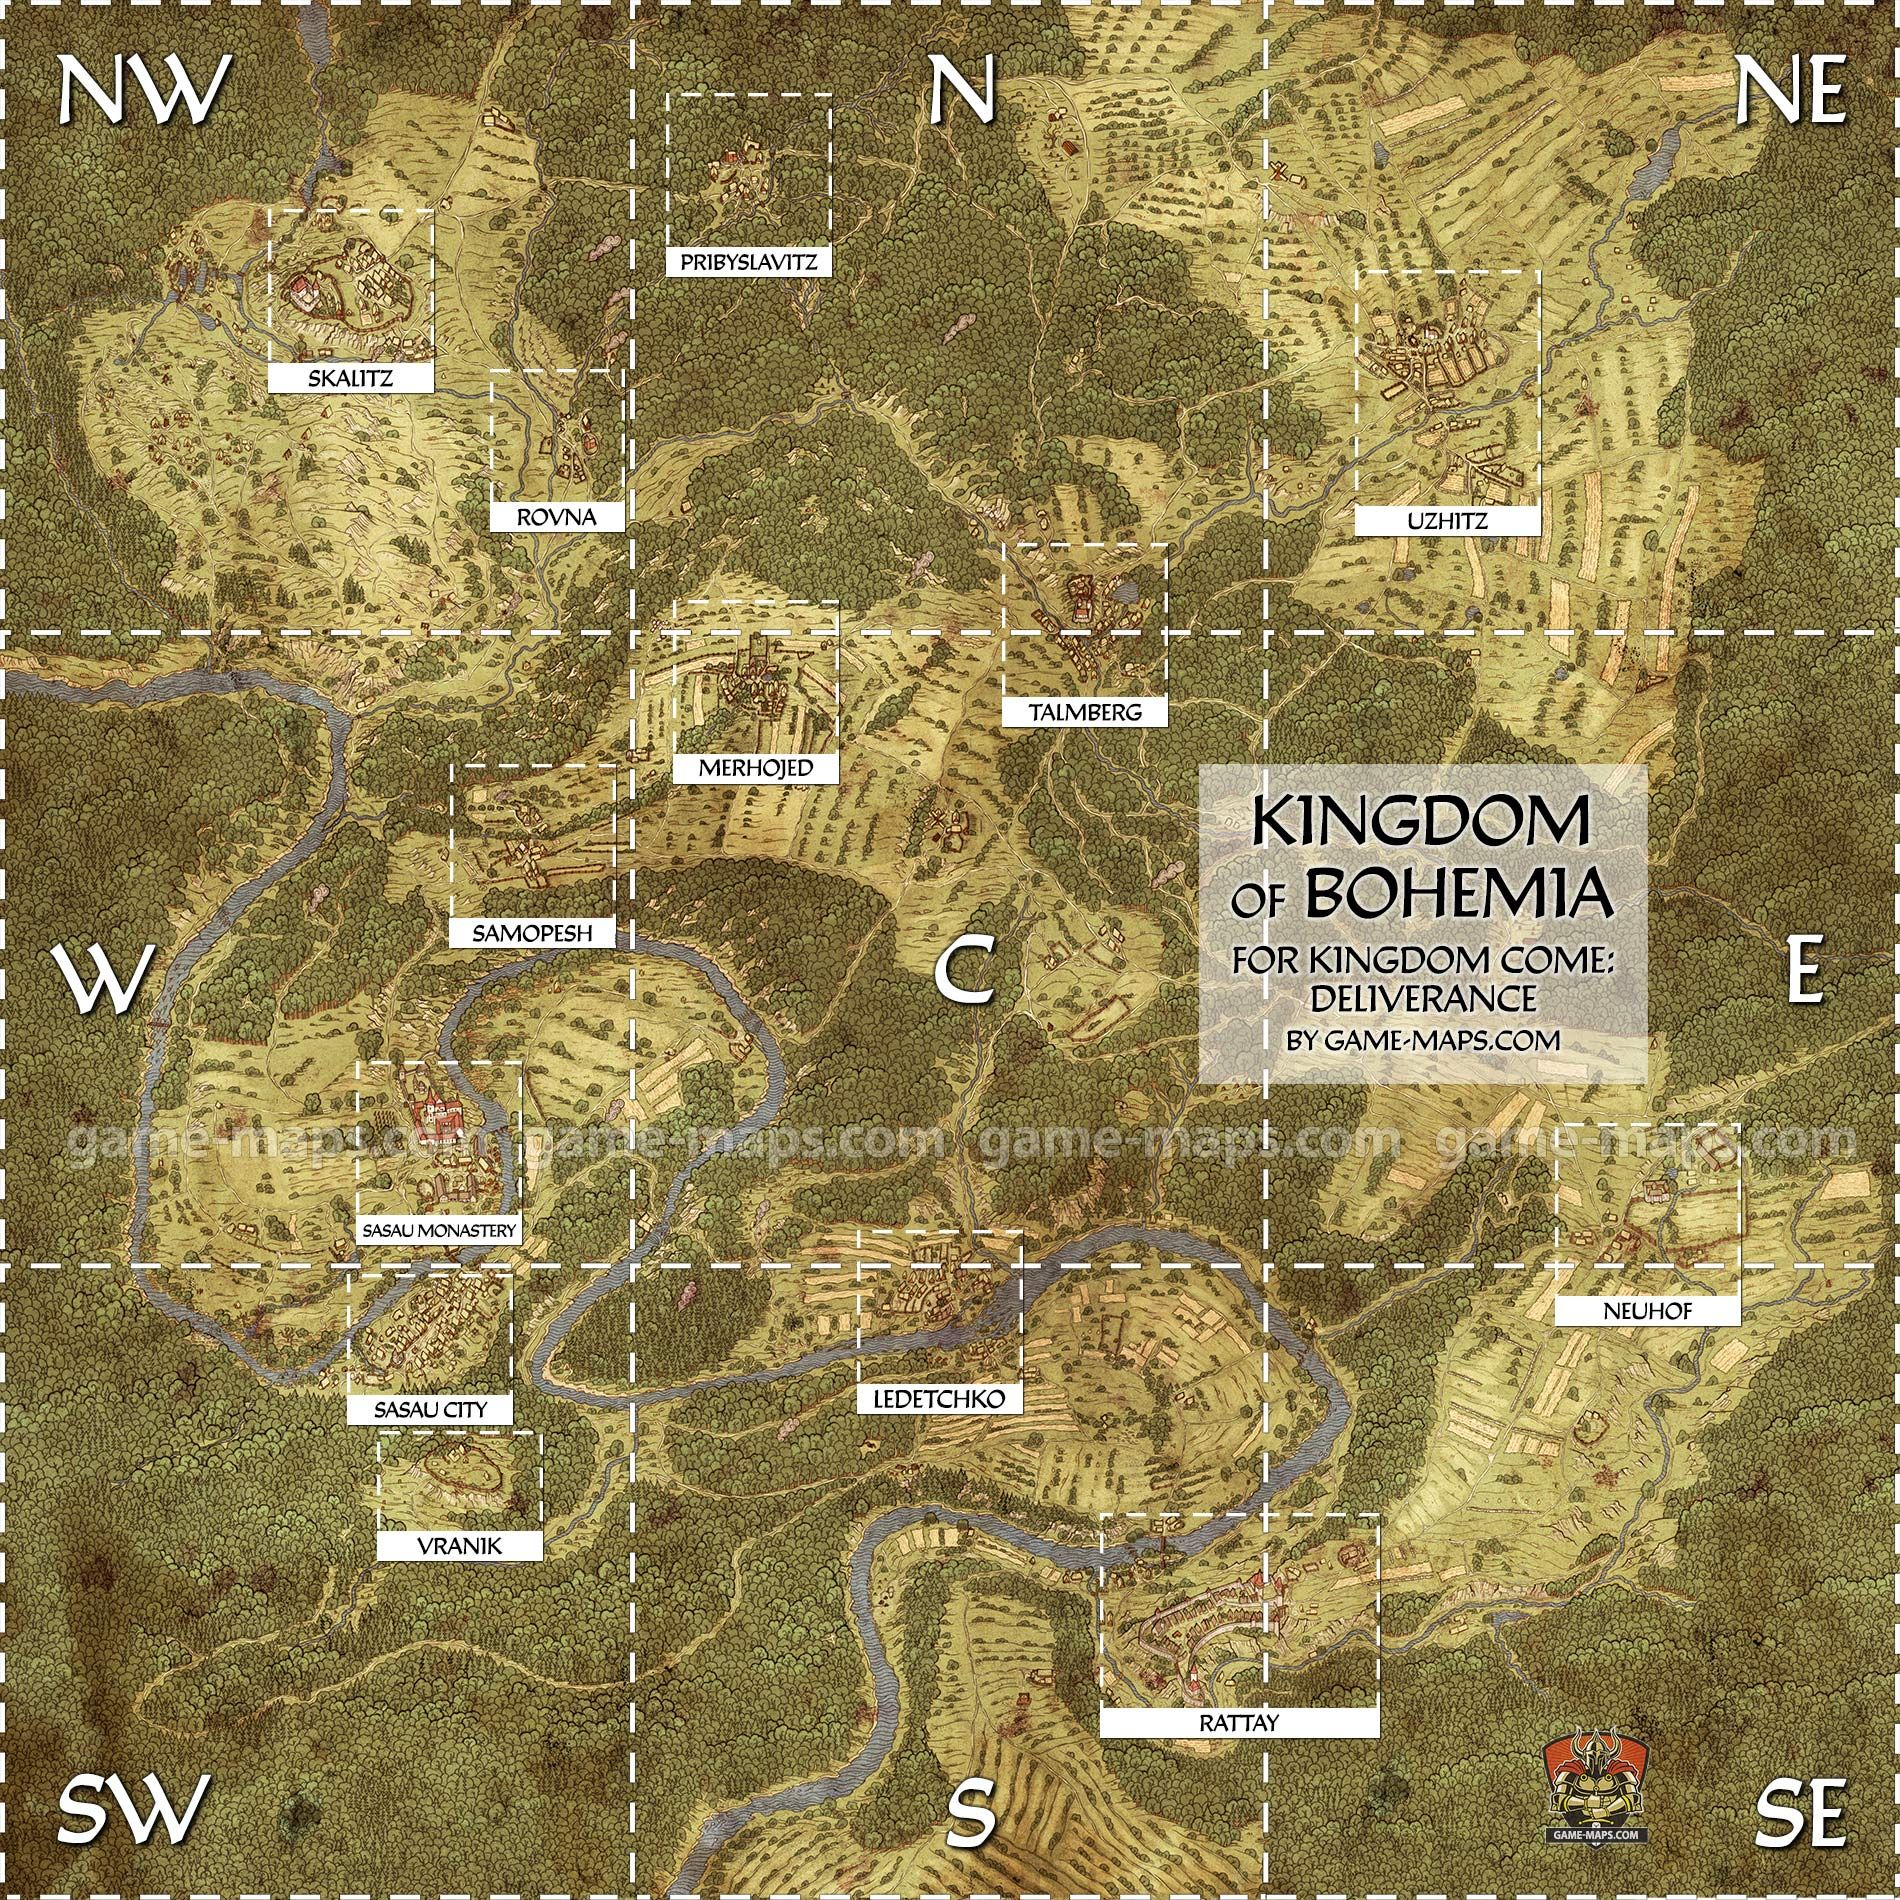 Kingdom Come Deliverance World Map World Map of medieval Bohemia for Kingdom Come Deliverance (KCD